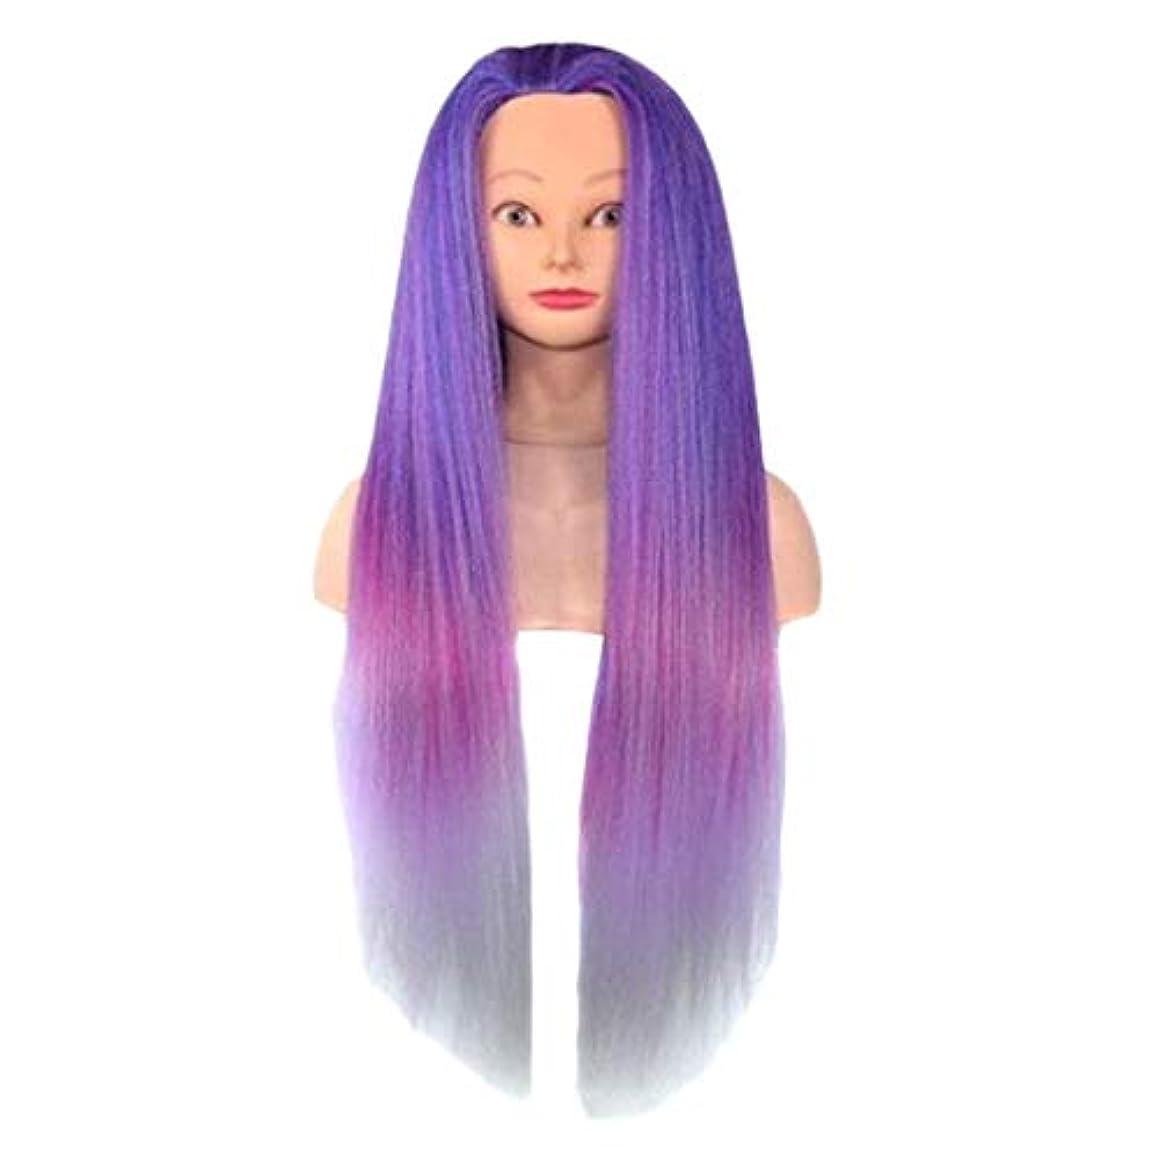 ハリケーンより良い登録するヘアスタイリングヘッド 理髪マネキンヘッド 人形ヘッド 全8選択 - 01